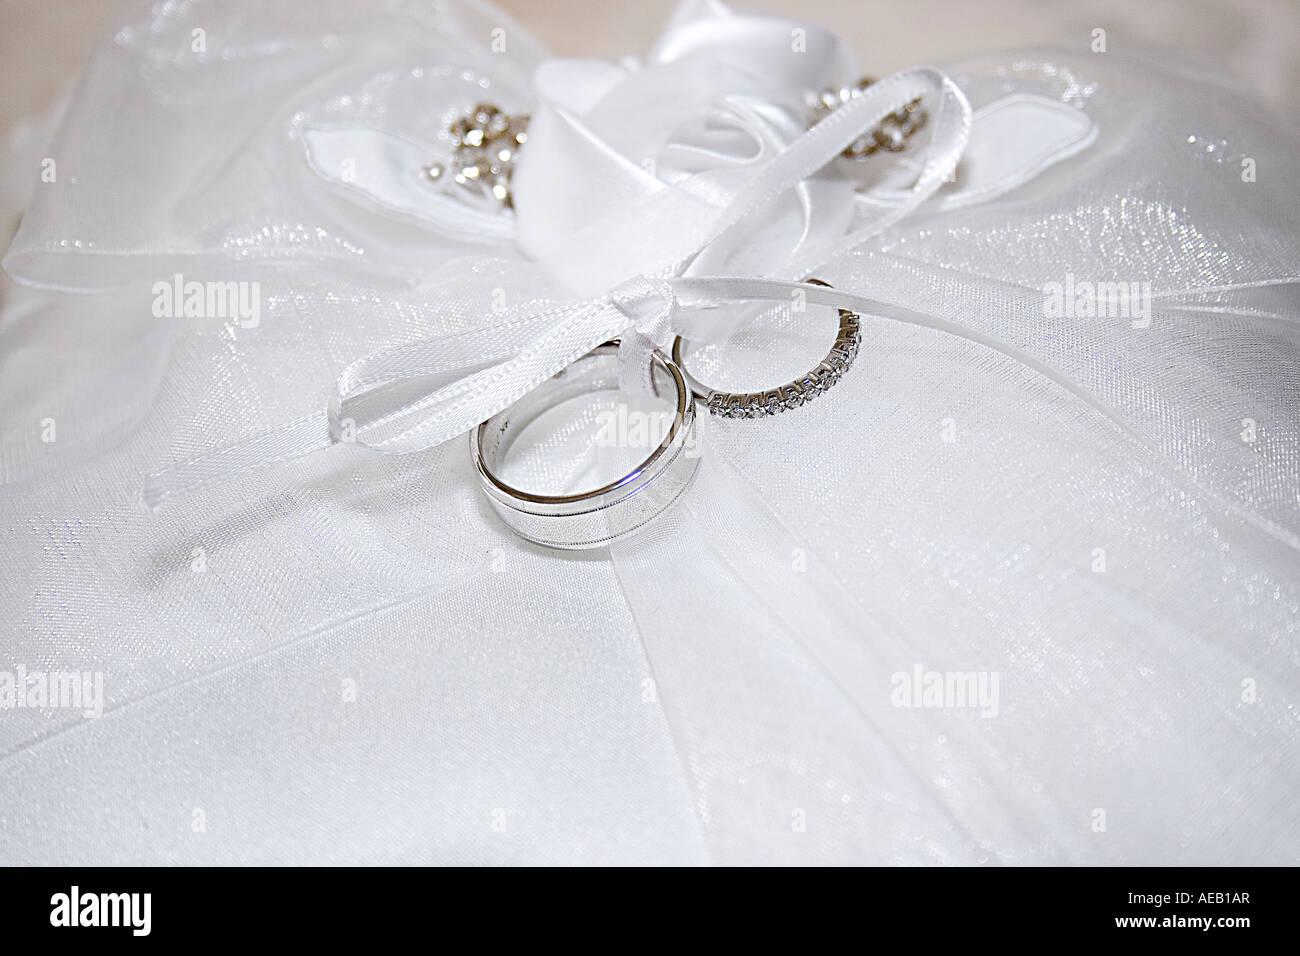 Wedding Rings On Ribbon Pillow